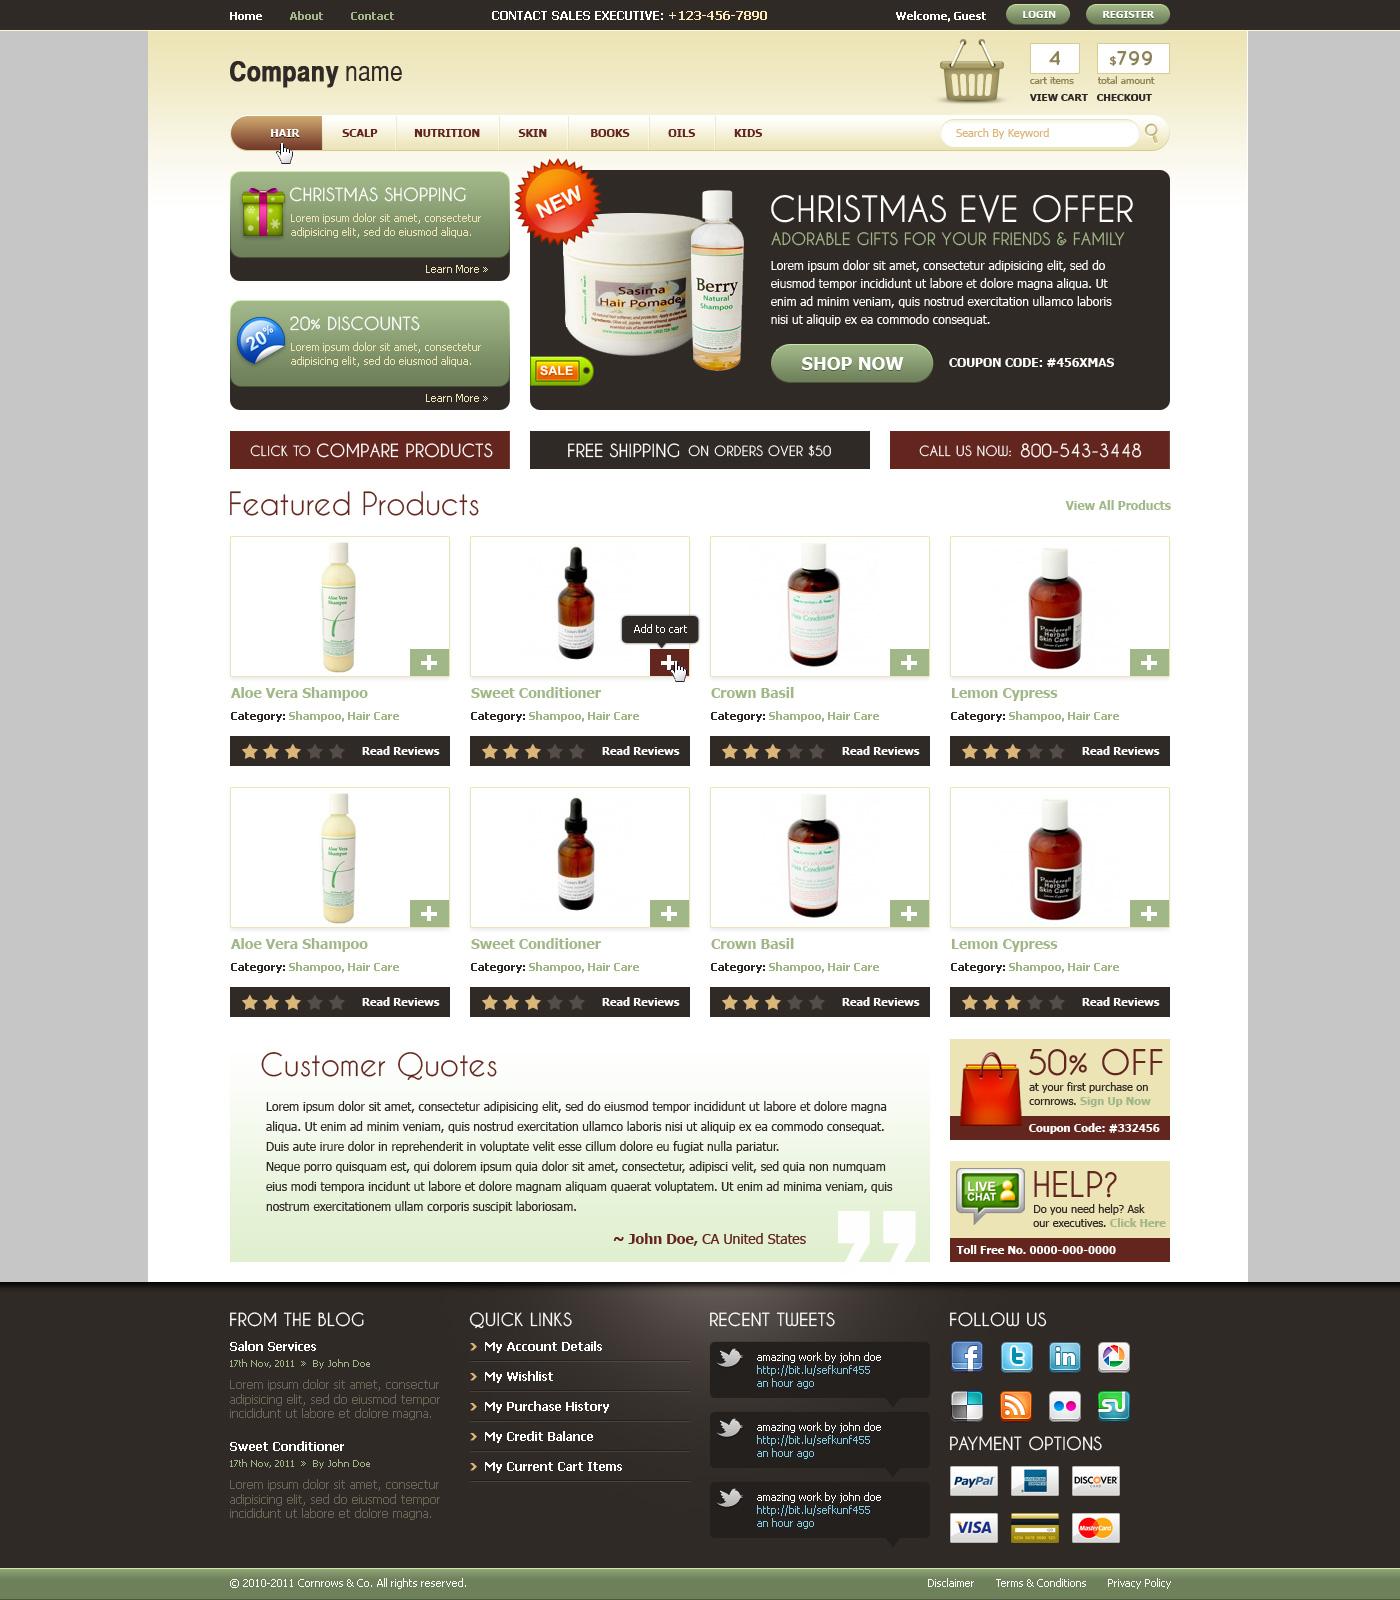 E-Commerce Shopping Web Designs on 1stwebdesigner - DeviantArt